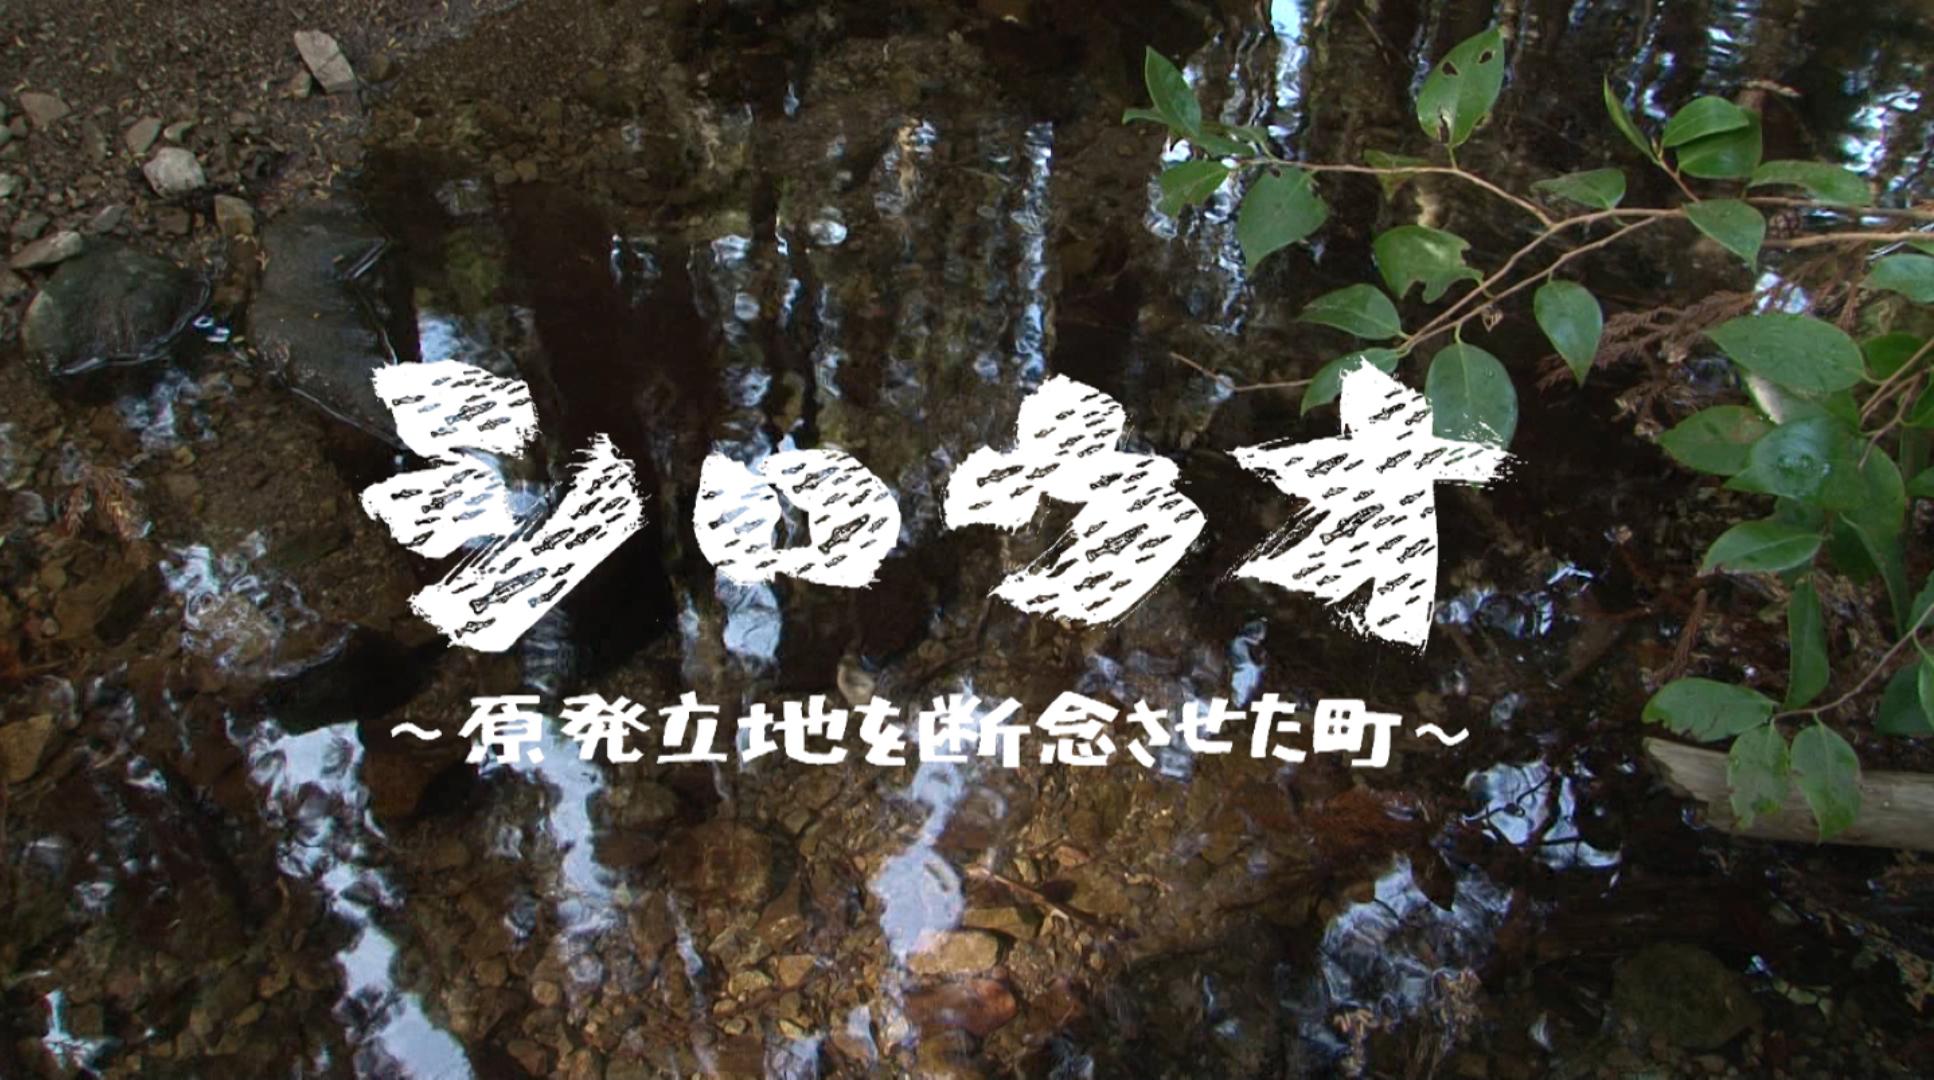 シロウオ公式サイトより(http://www.kasako.com/eiga1.html)